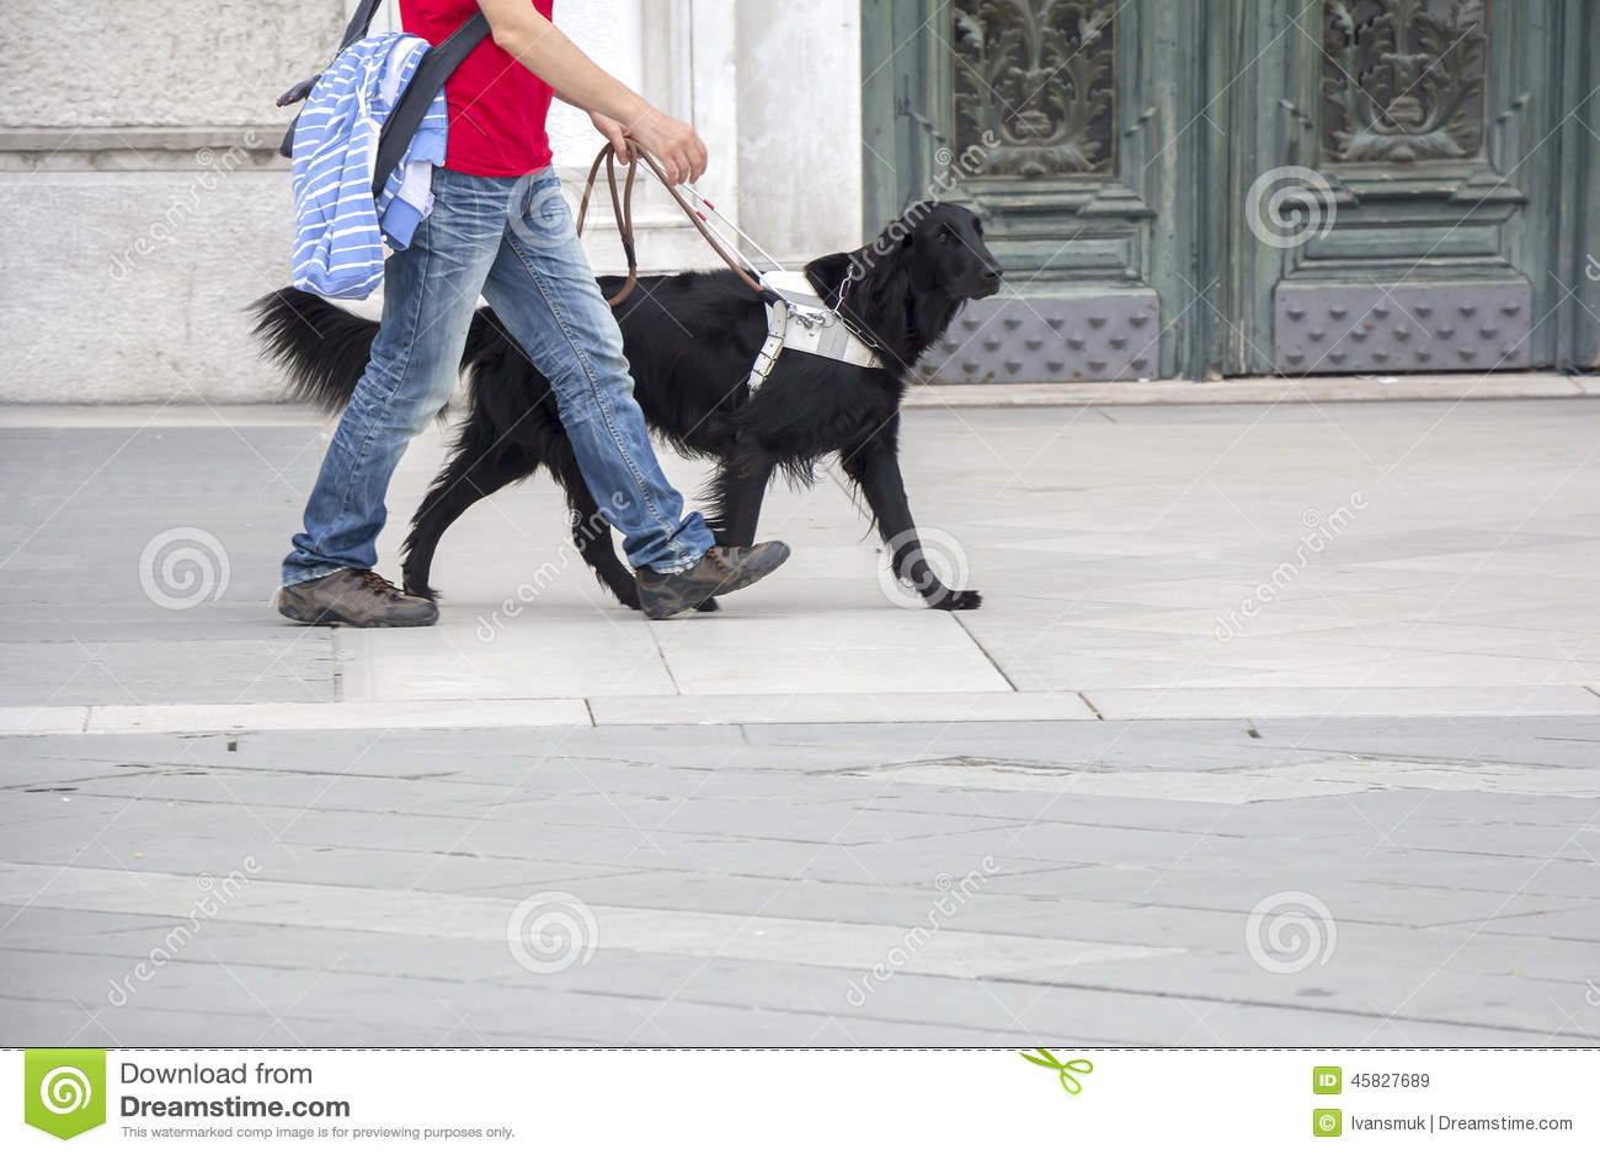 De hond van de gids helpt een blinde